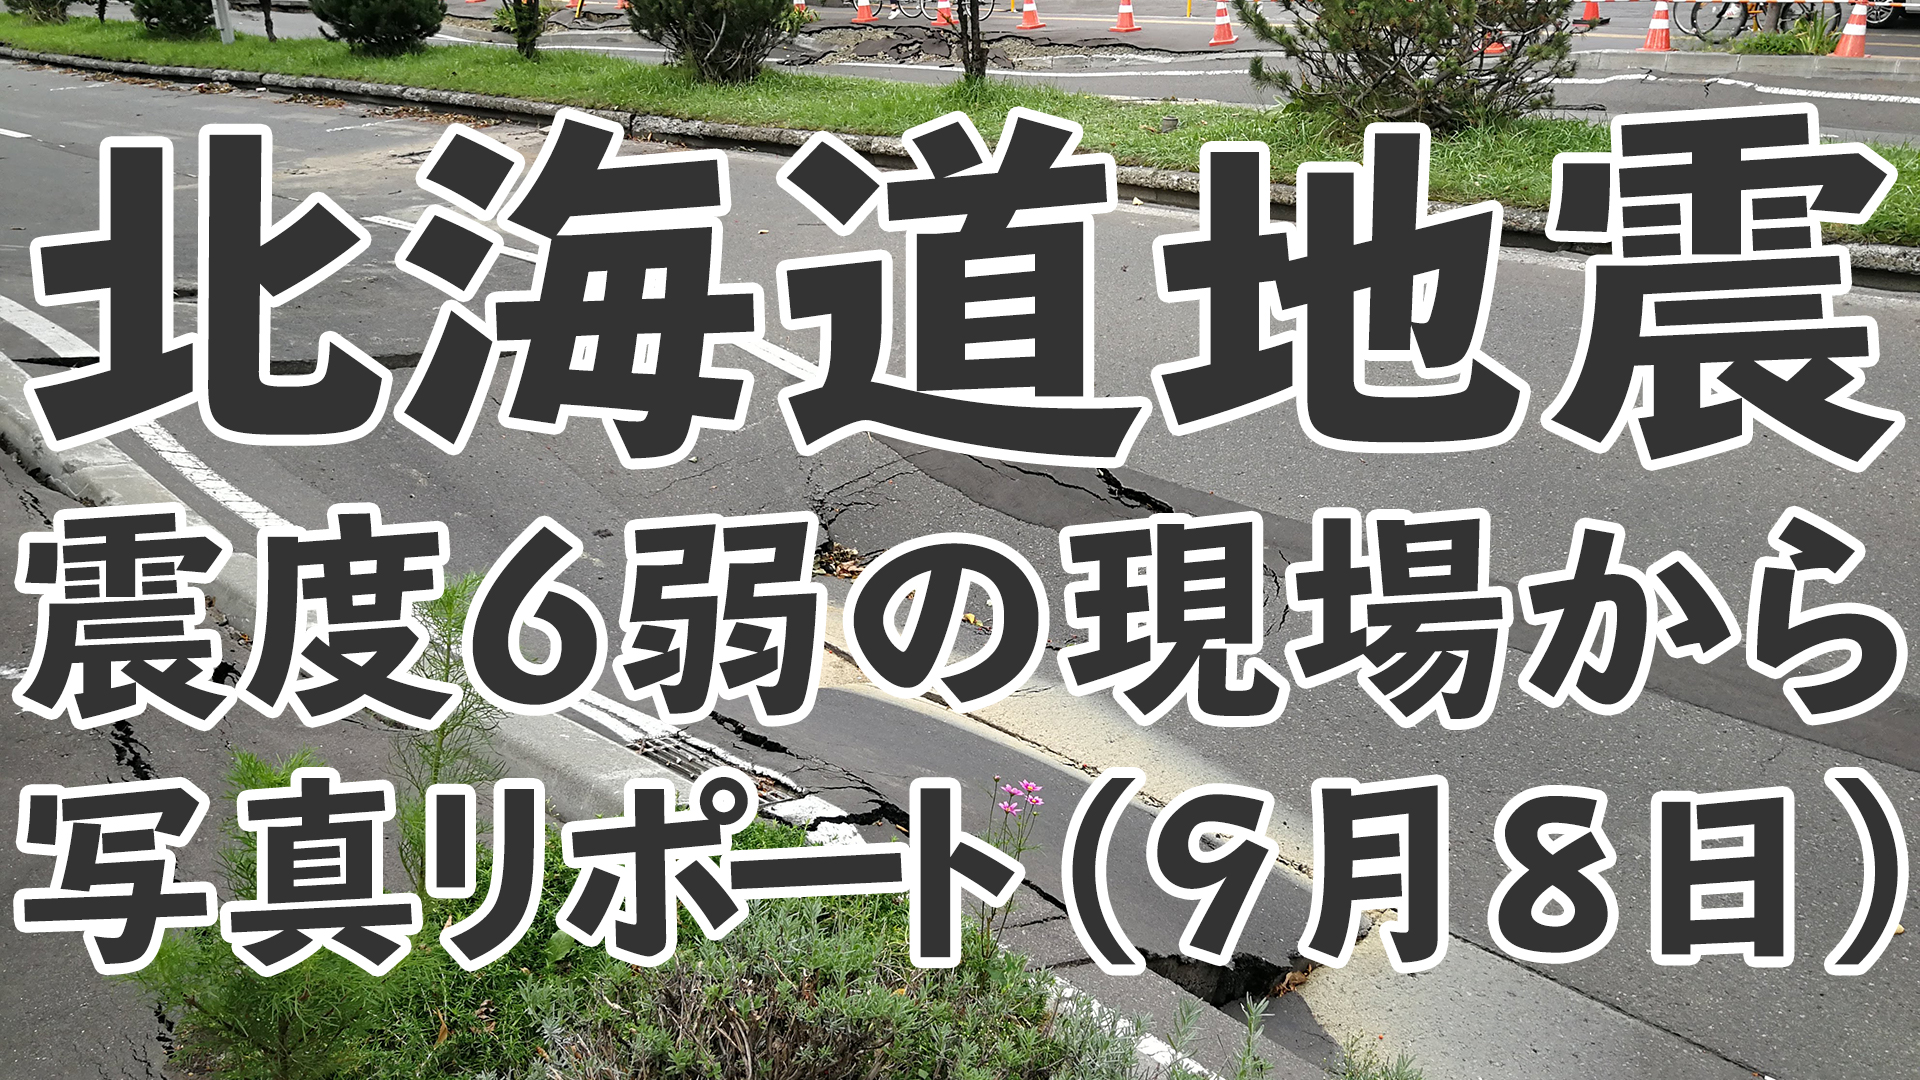 北海道地震、震度6弱の現場から写真リポート(9月8日)